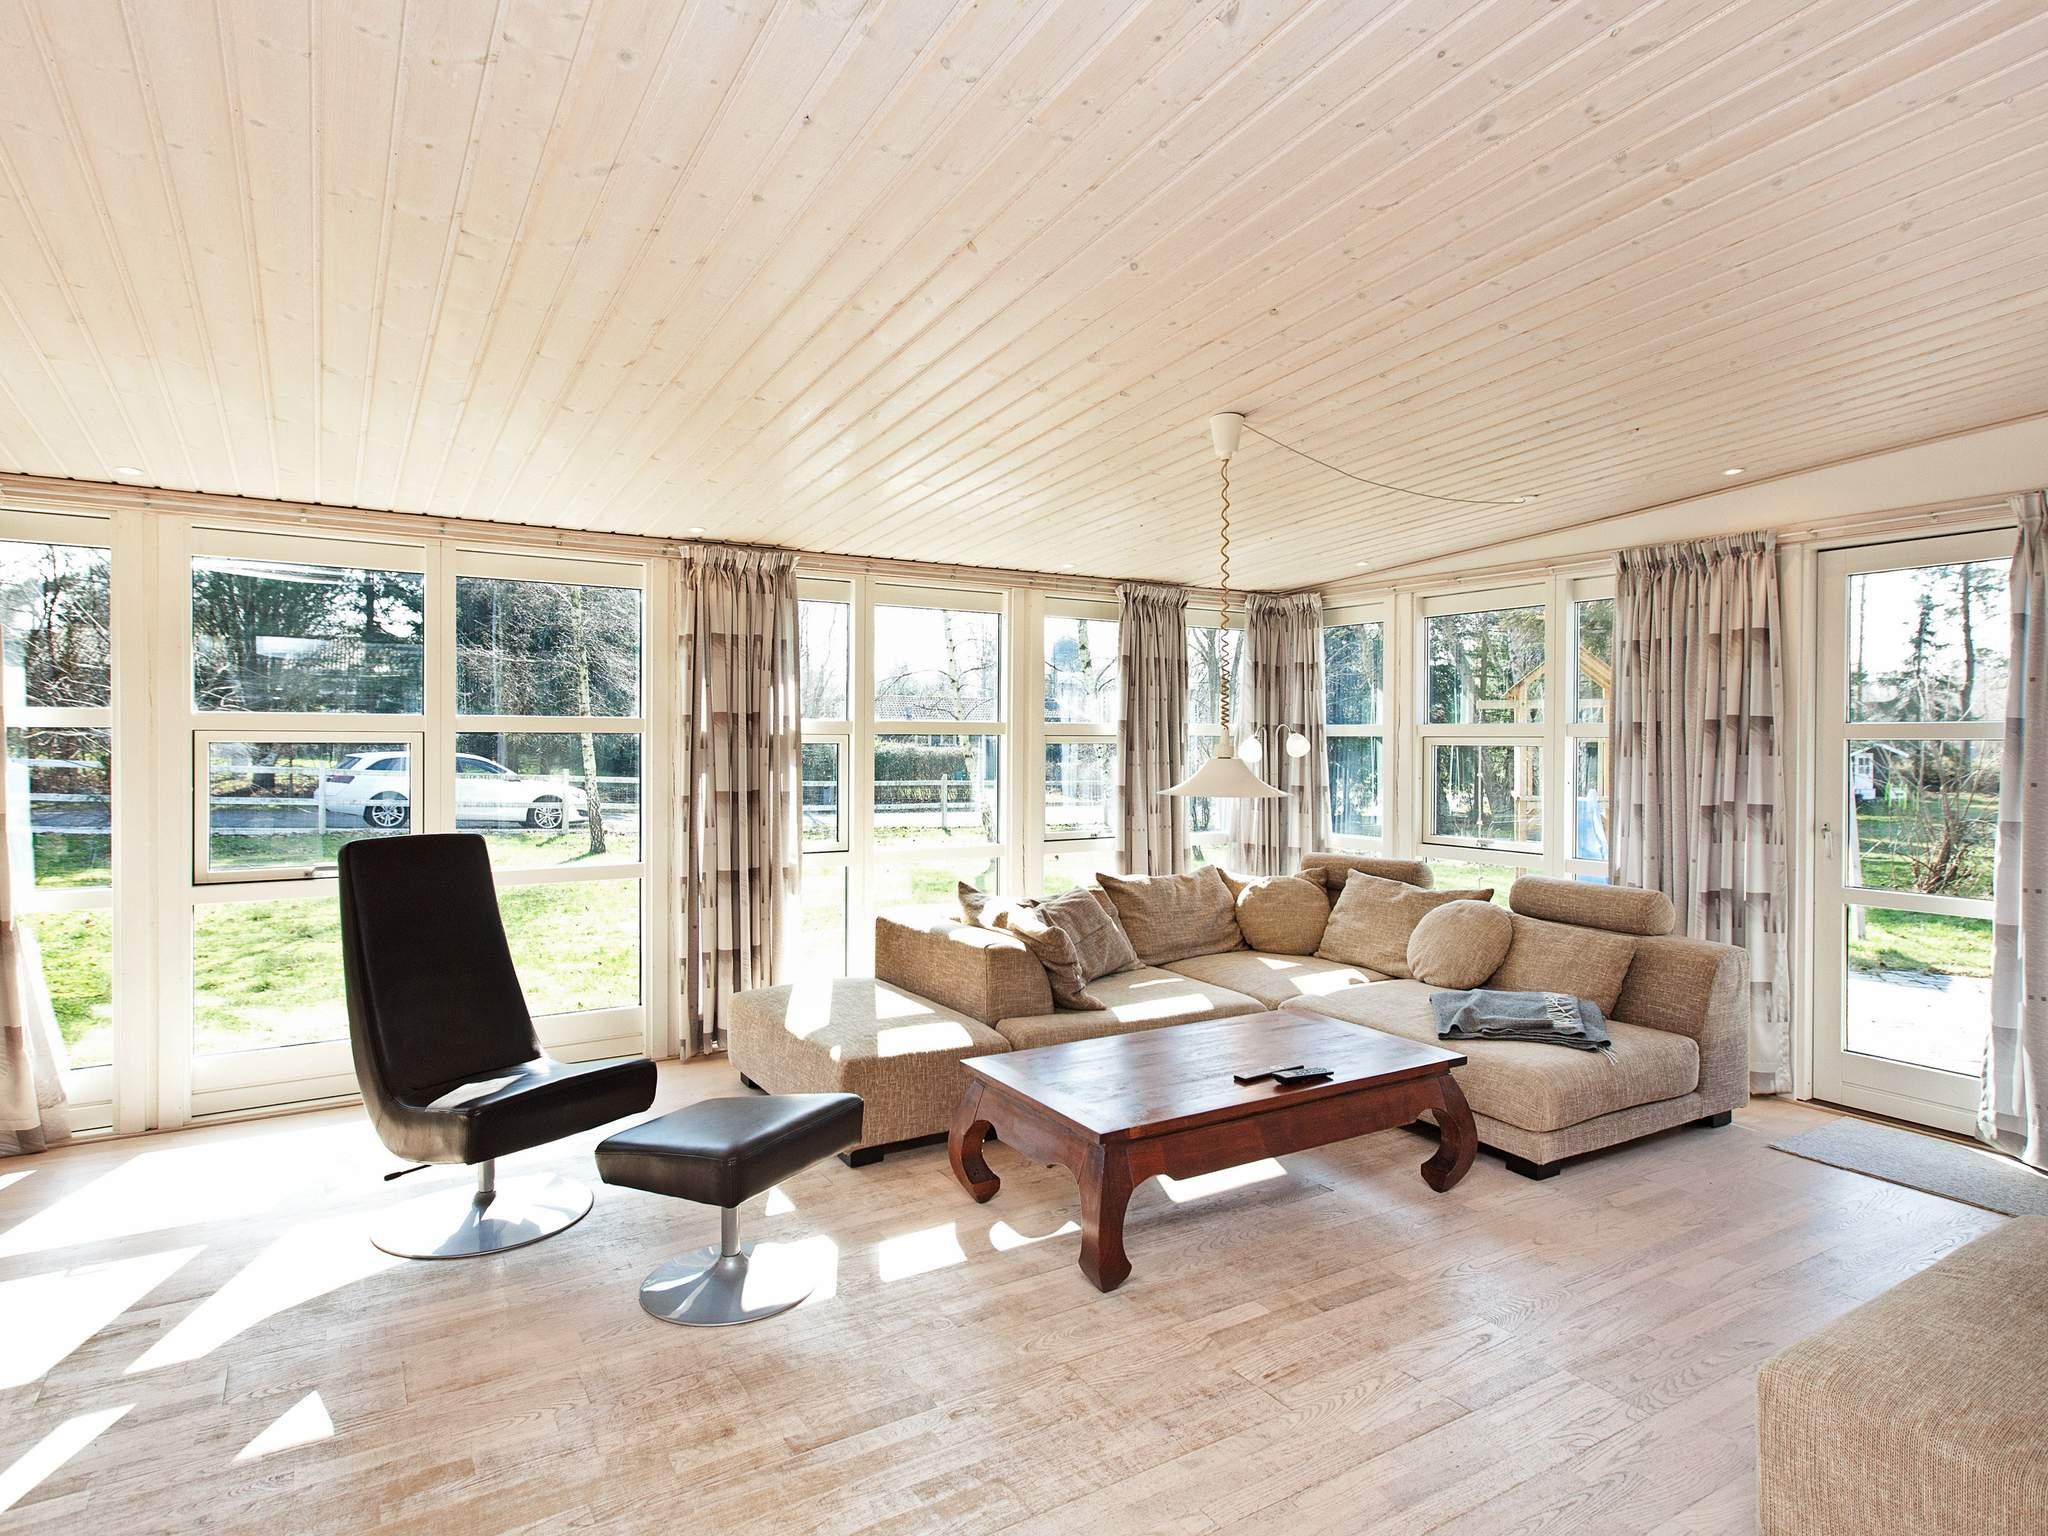 Ferienhaus Udsholt Strand (1029012), Gilleleje, , Nordseeland, Dänemark, Bild 4